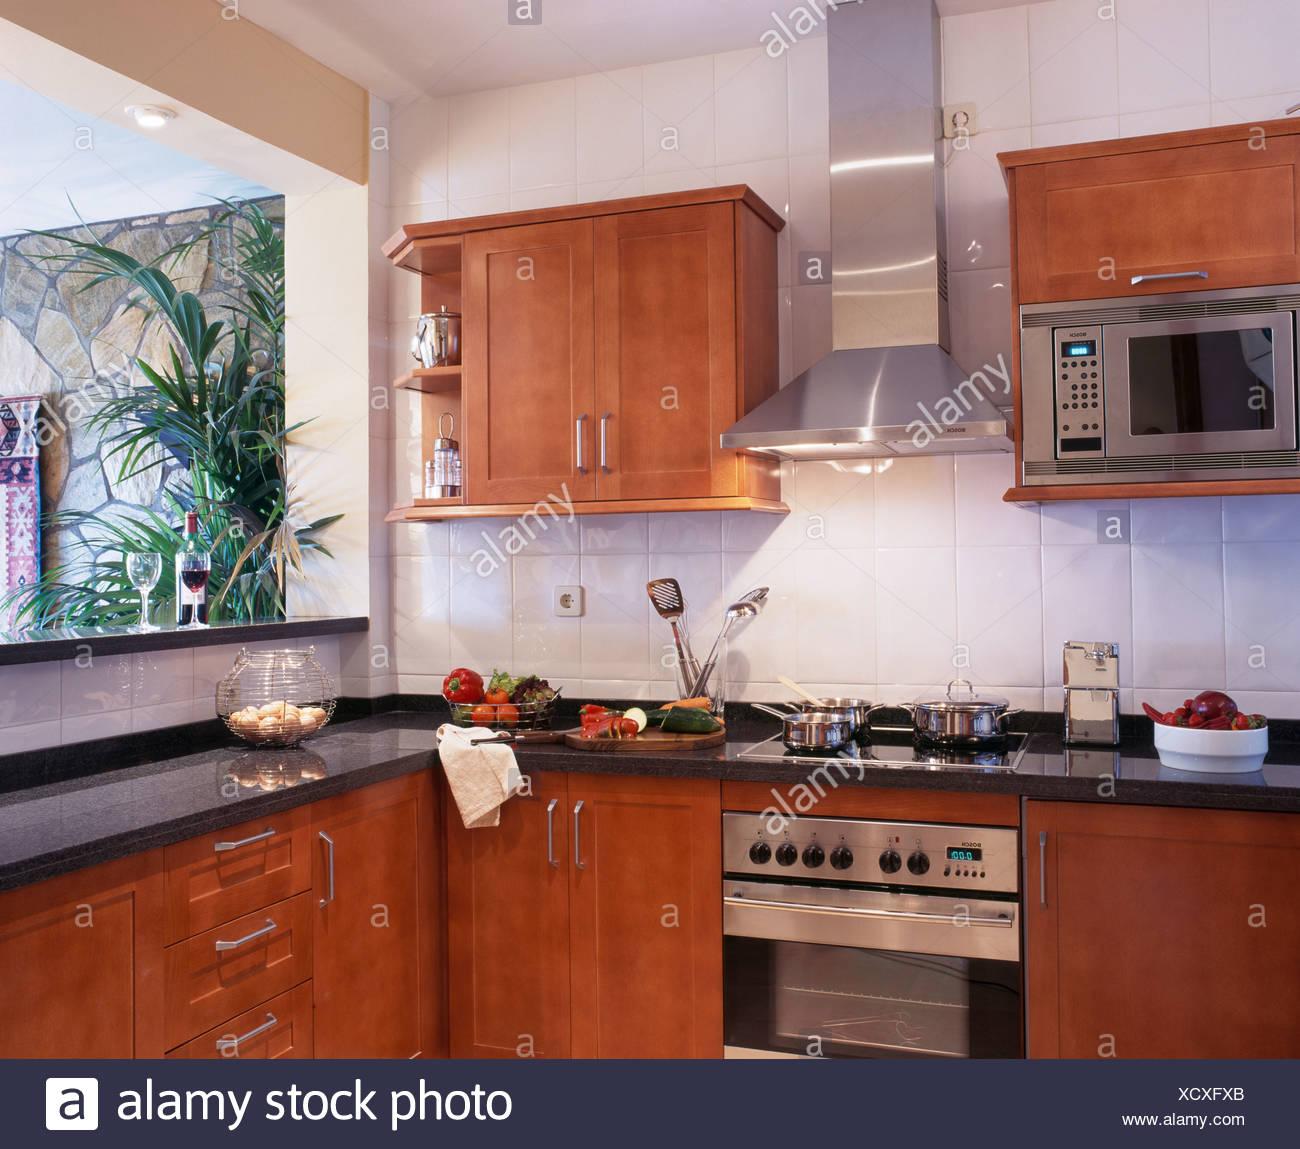 Gemütlich Französisch Landküche Farben Bilder - Küchenschrank Ideen ...